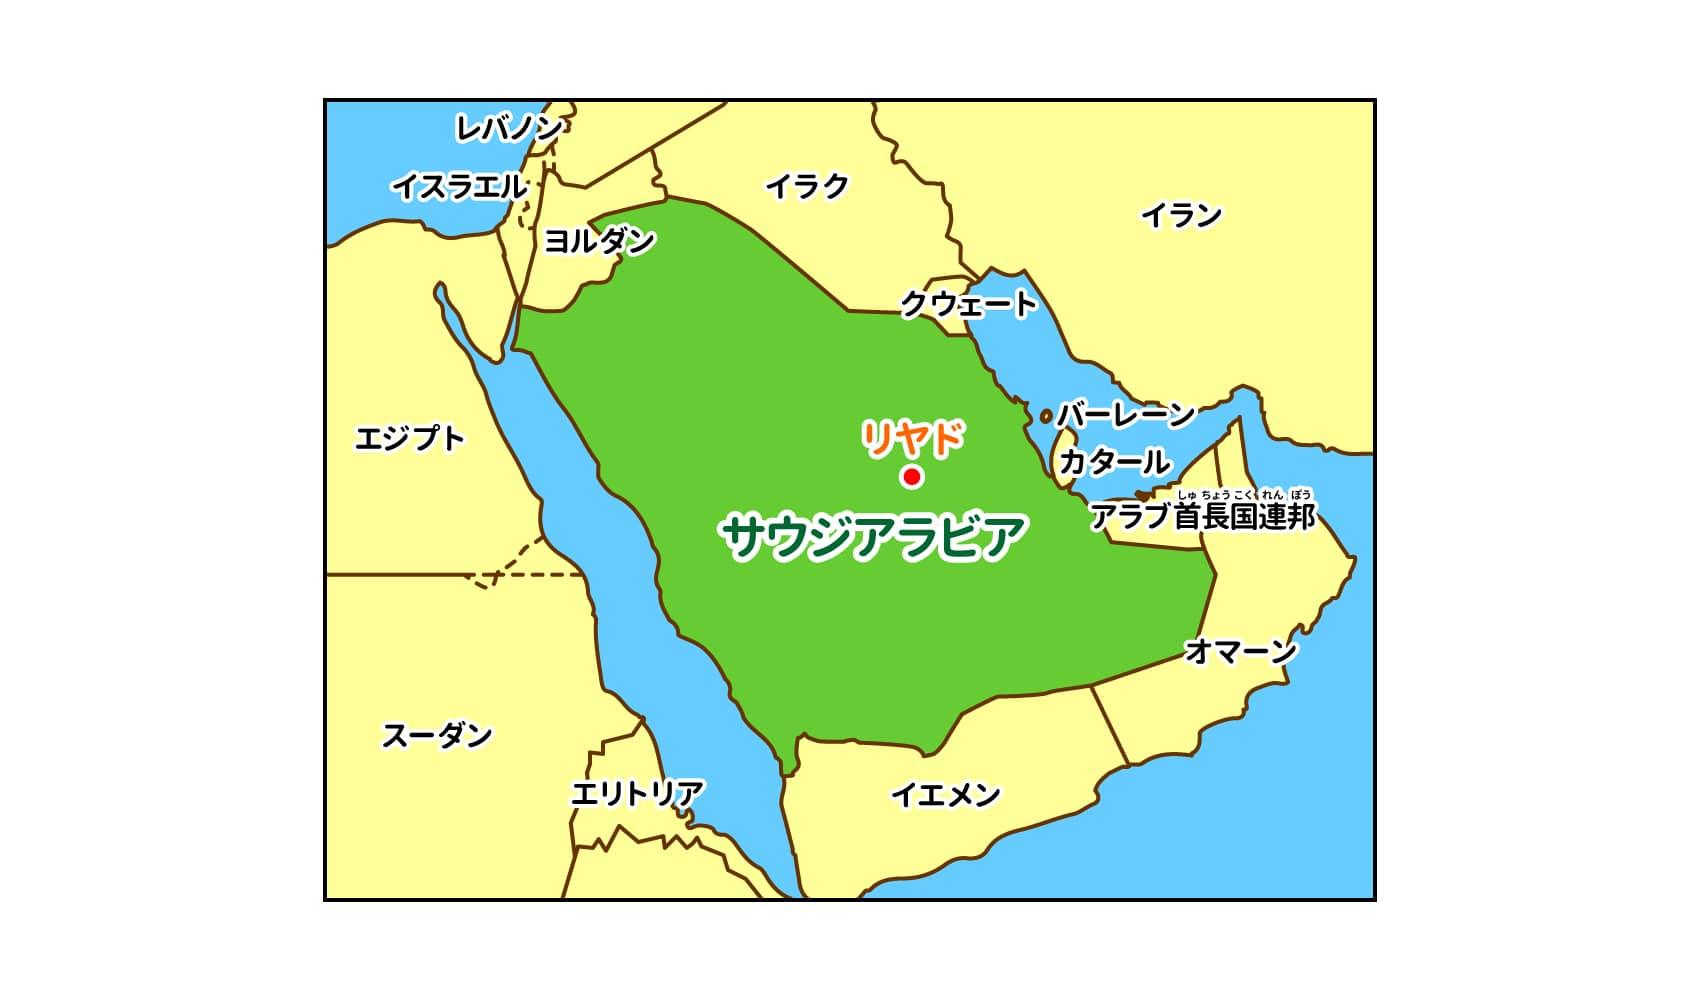 サウジアラビアと日本、どんな結びつきがある?